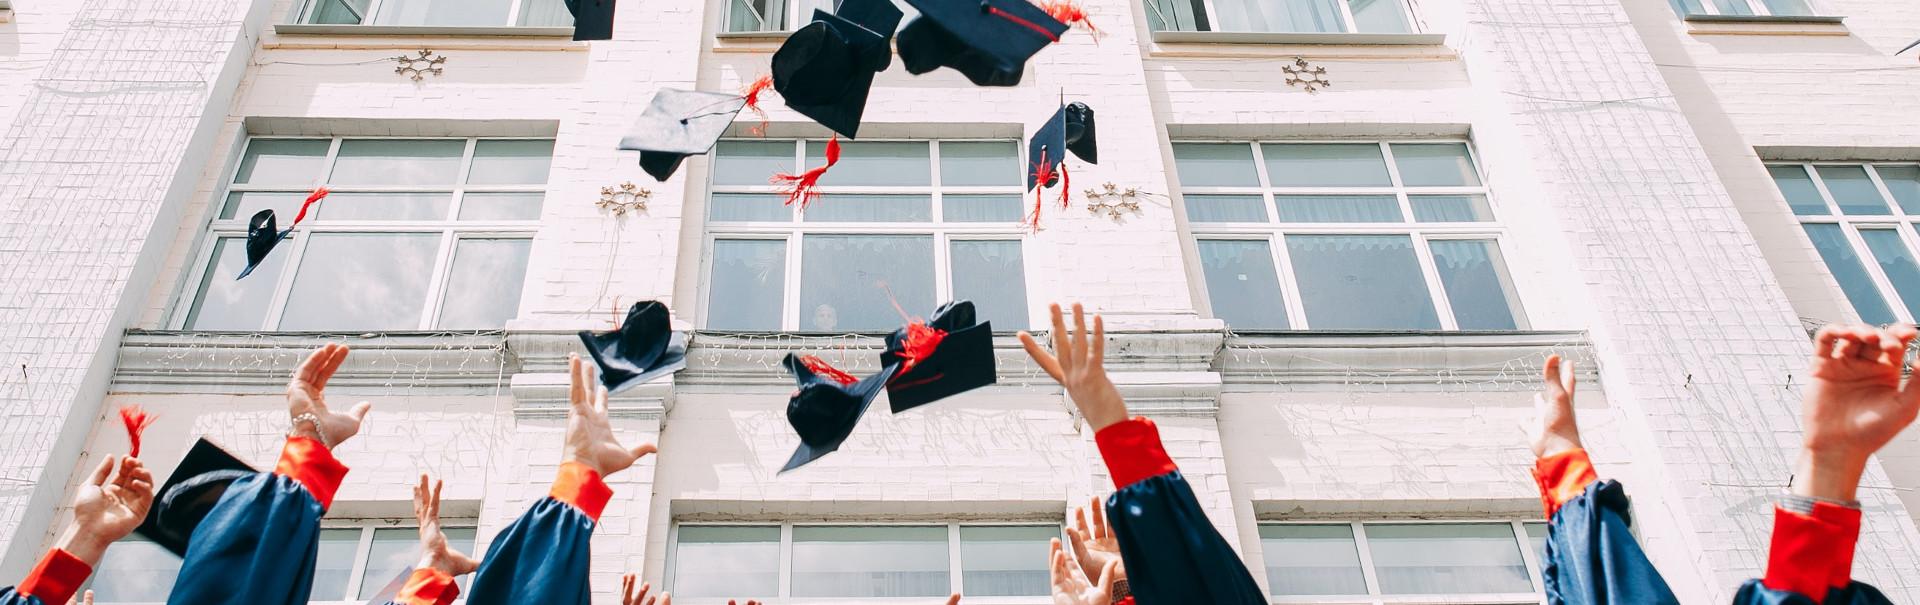 Programa de Acesso à Universidade Espanhola